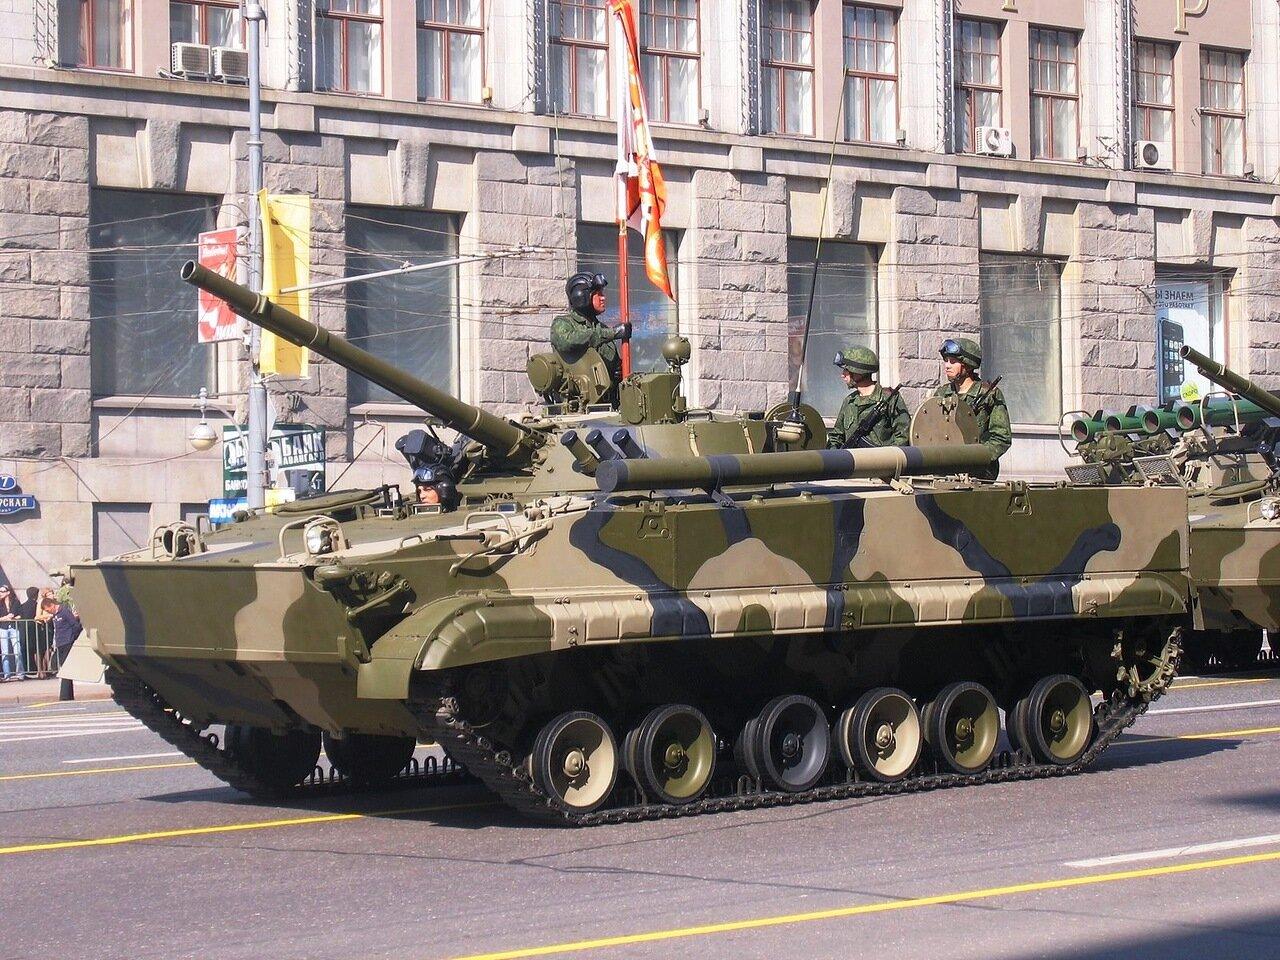 Fuerzas Armadas Rusas - Página 3 0_70eef_e98f3a7d_XXXL